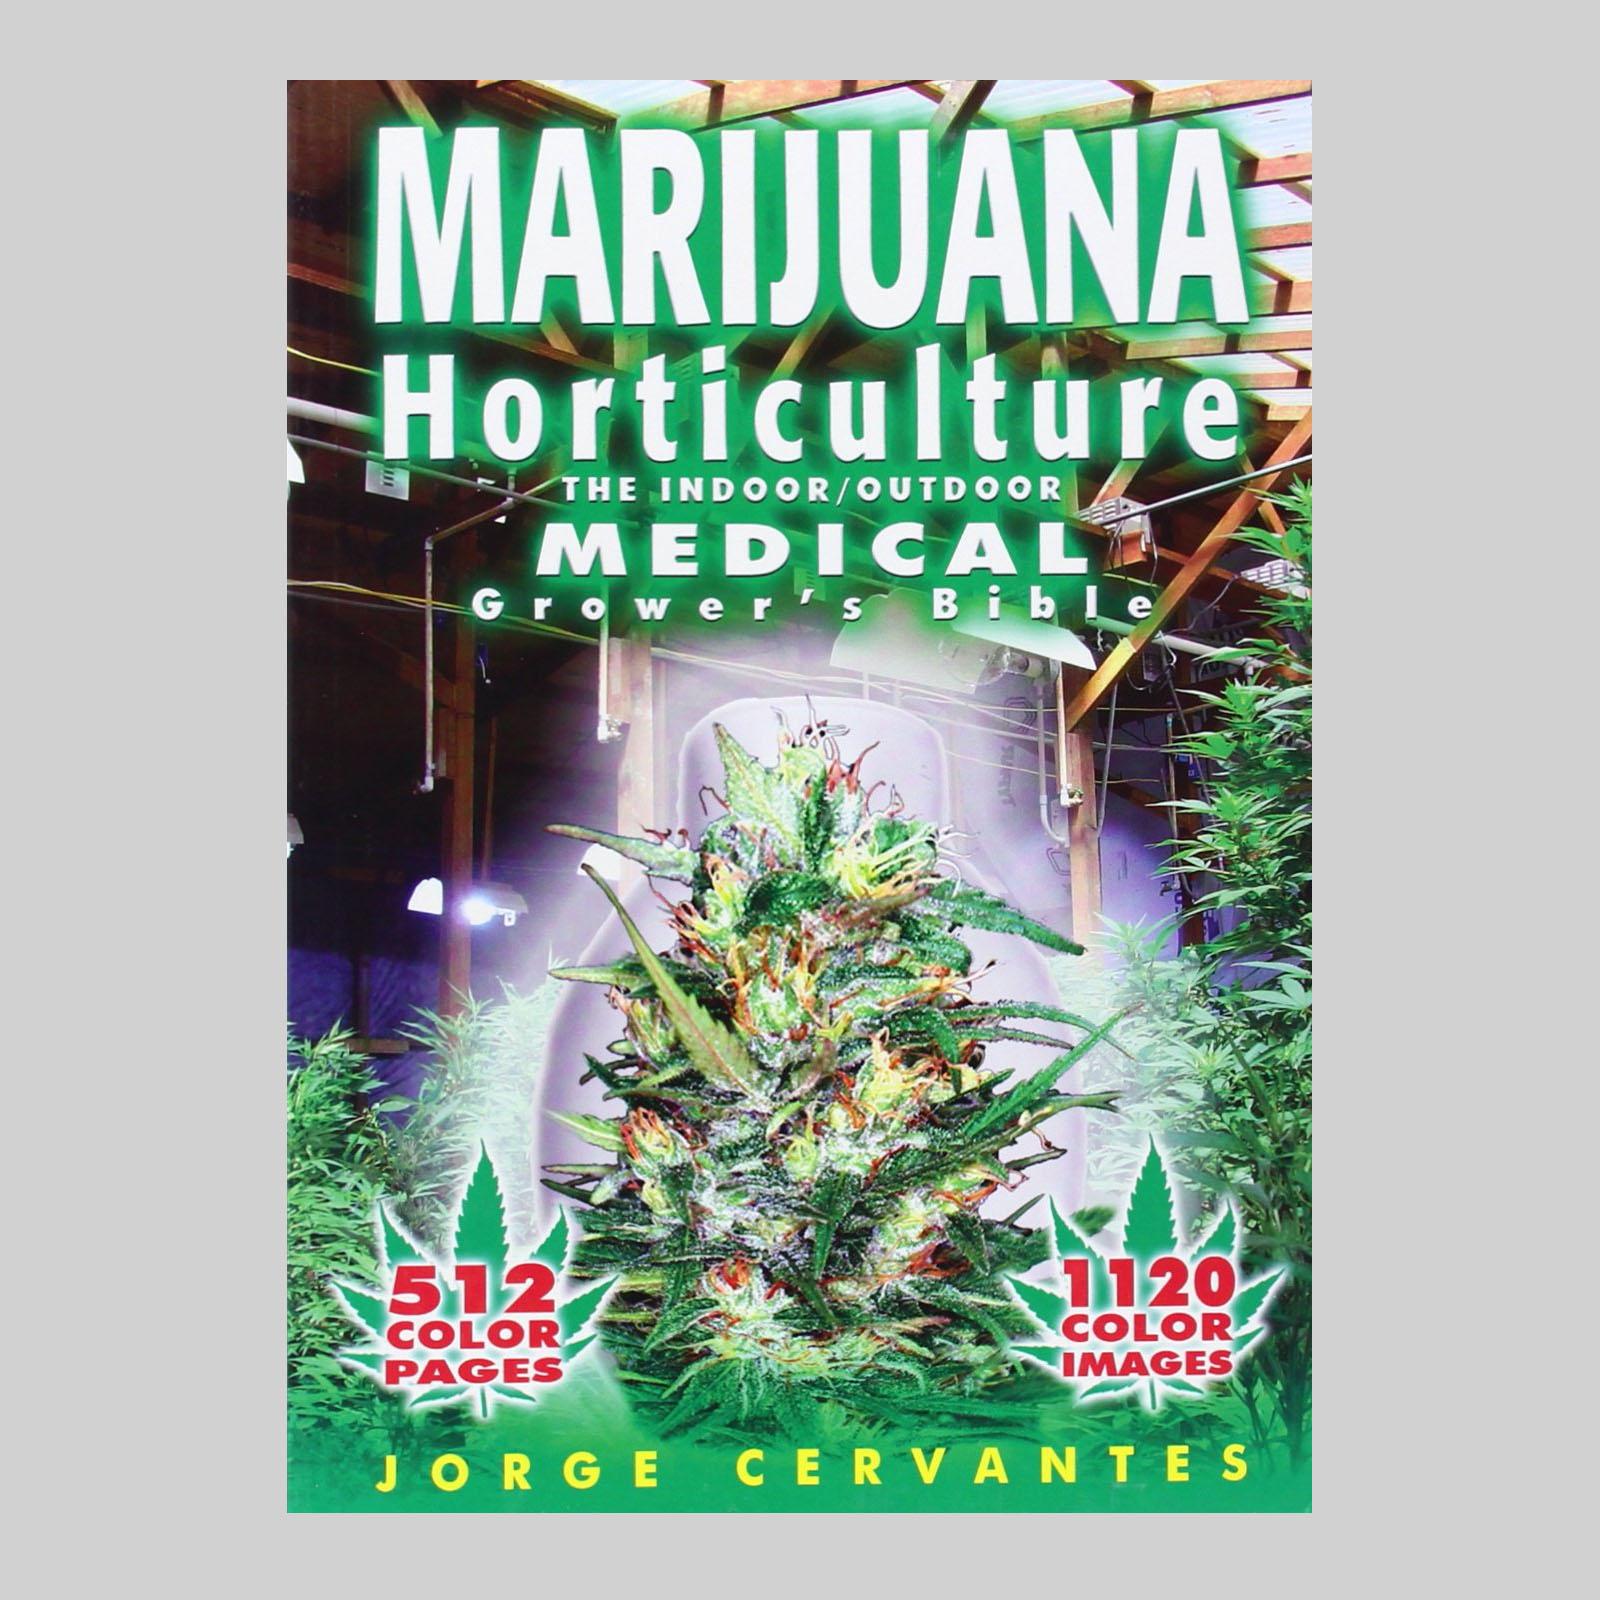 Les 5 principaux livres sur la culture du cannabis for Livre culture cannabis interieur pdf